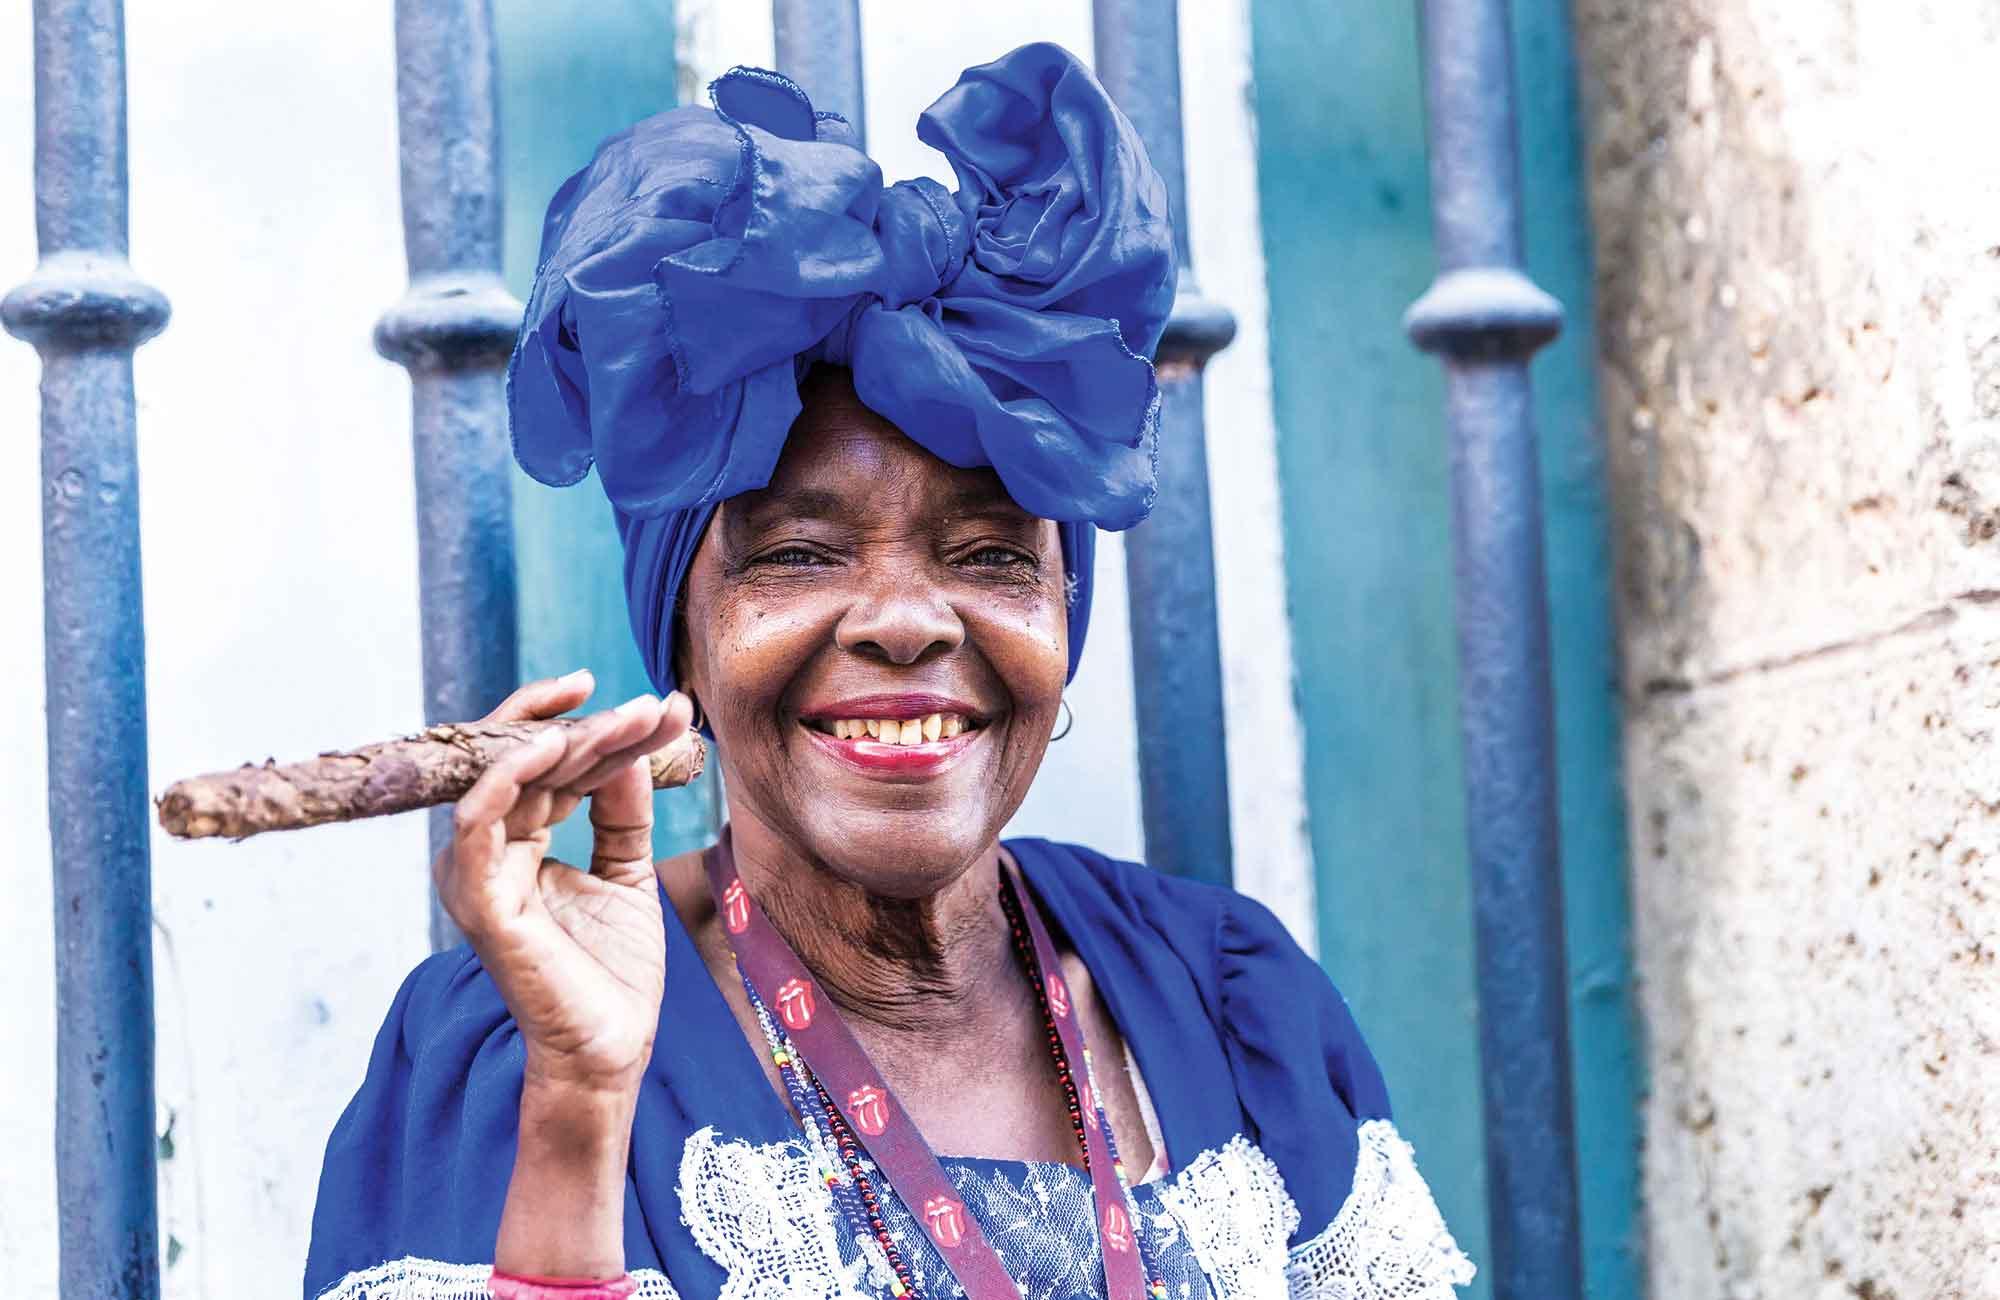 Le sourire de cette cubaine à La Havane, cigare à la main